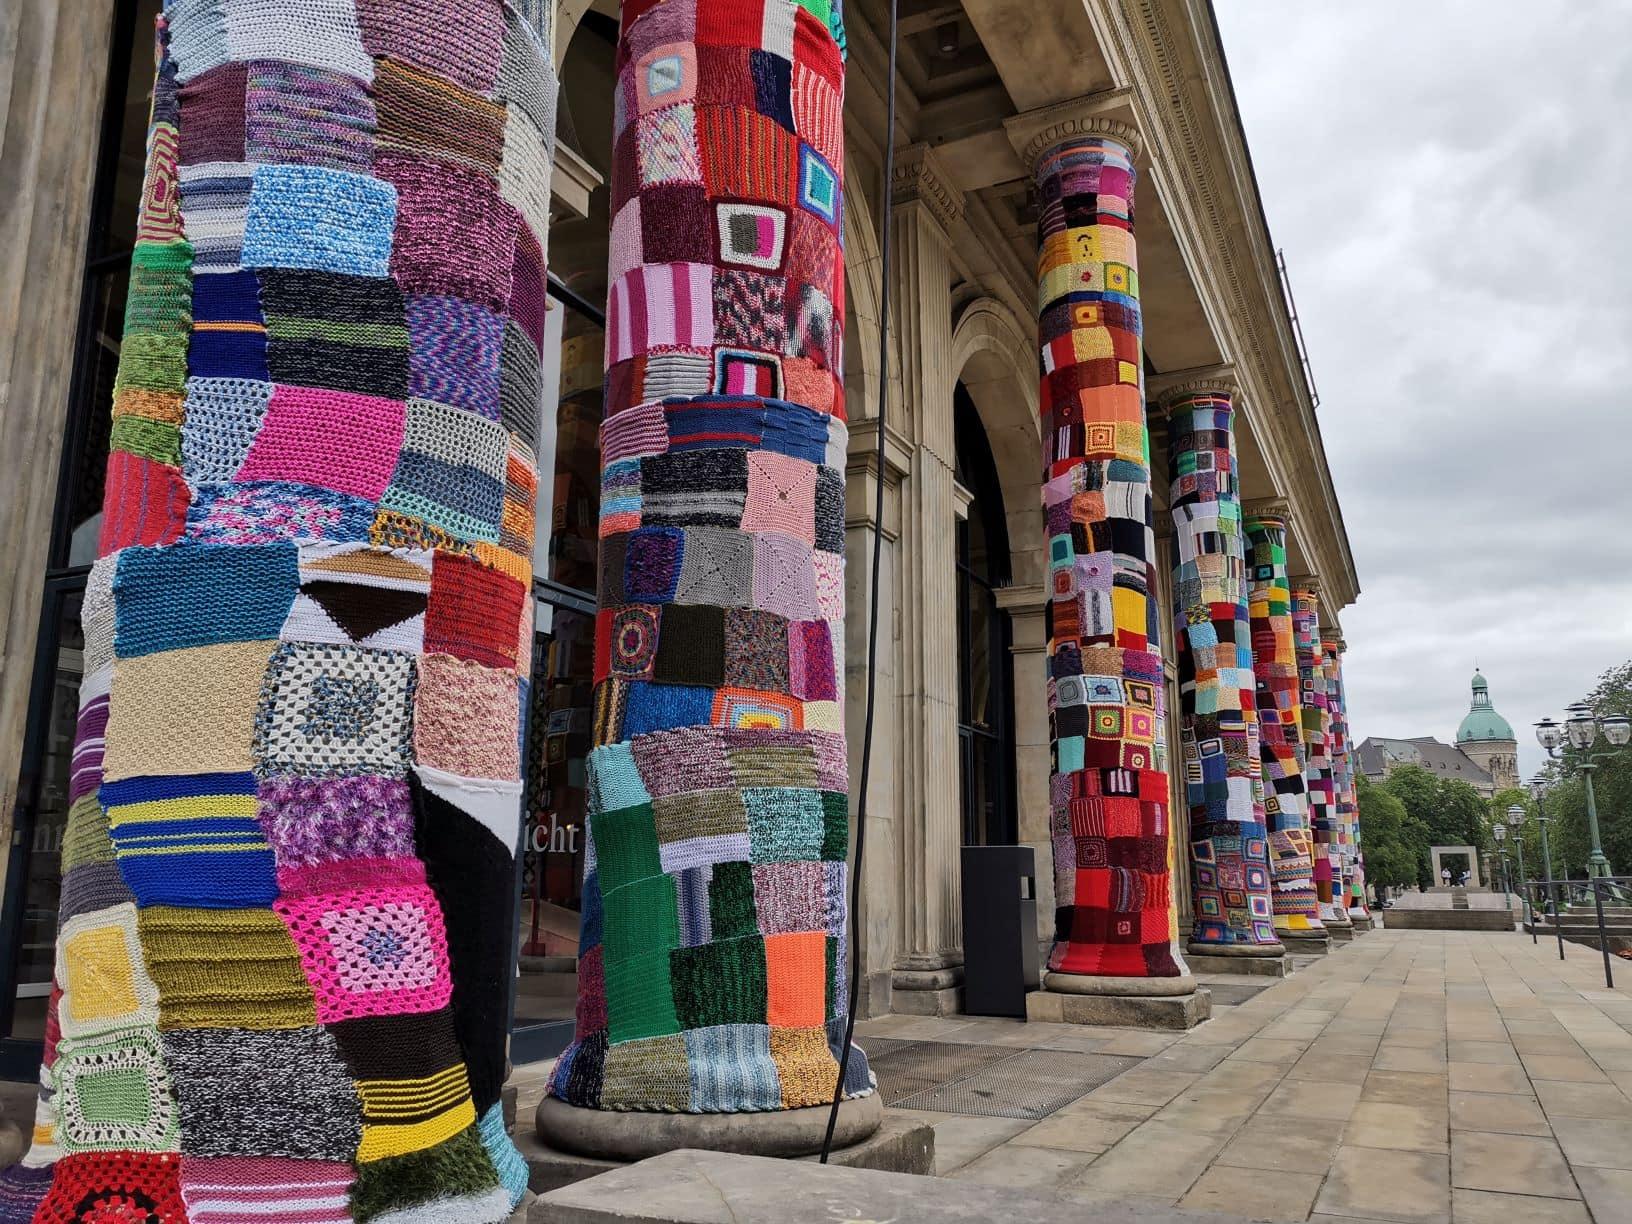 Säulen der Staatsoper Hannover mit bunter Wolle eingestrickt